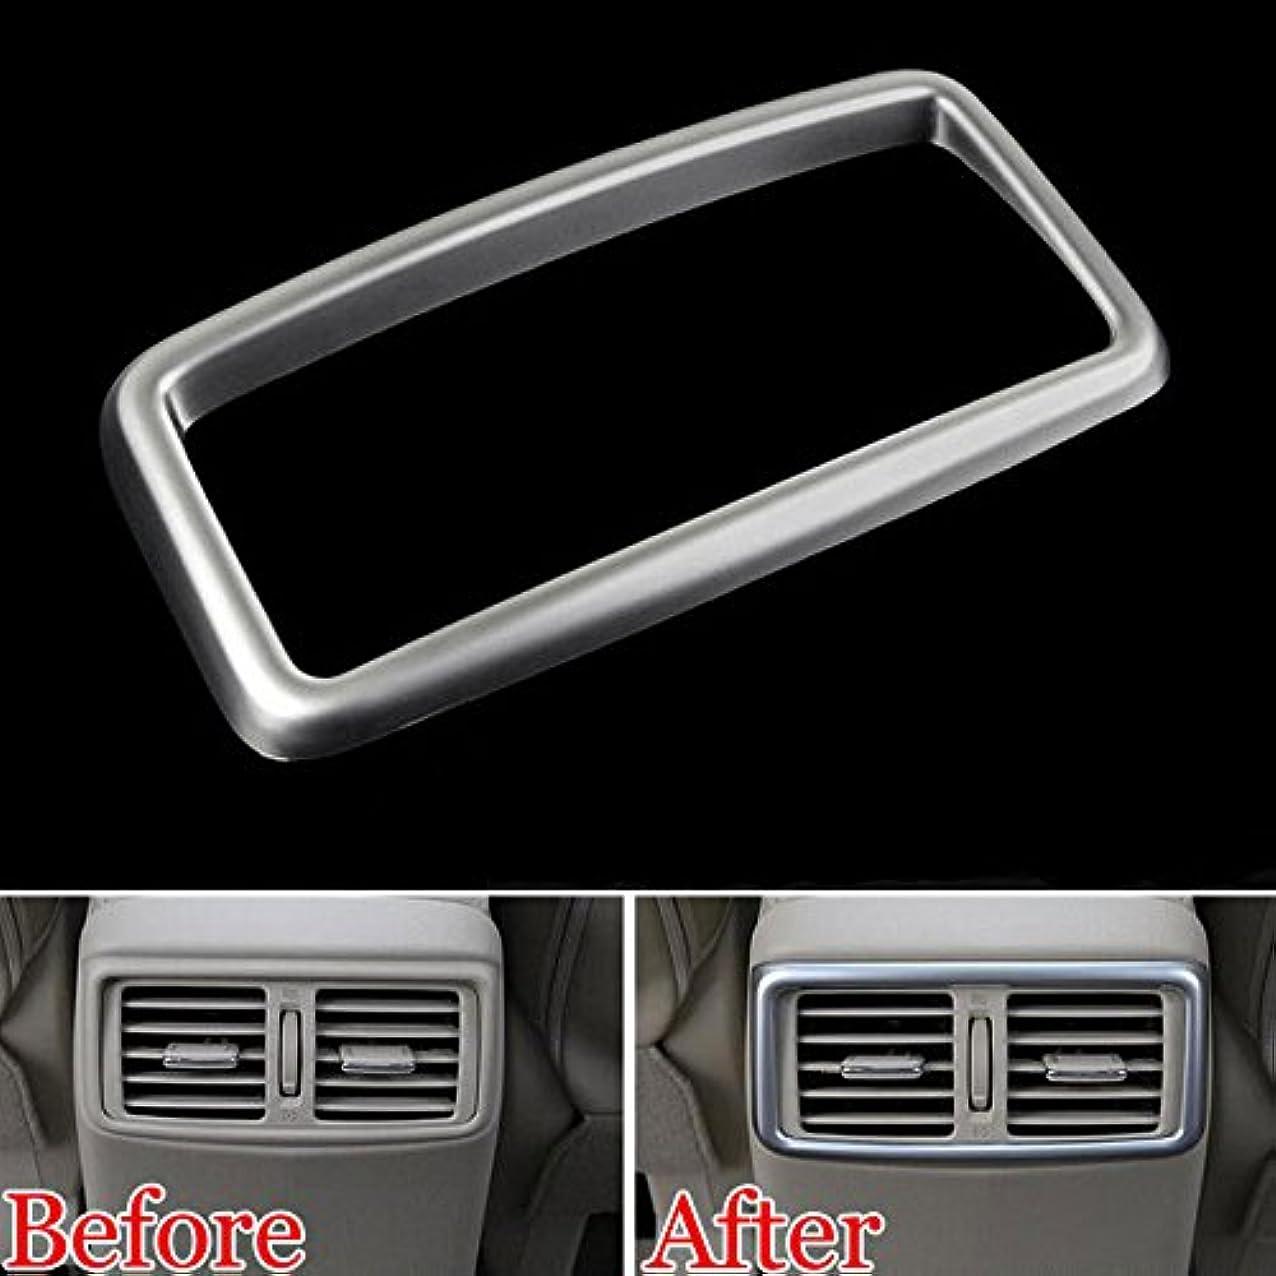 経歴強い固めるJicorzo - Car Armrest Rear Air Condition Vent Outlet Cover Trim Car Styling Molding For Nissan Rogue X-Trail 2014-2017 Nissan Qashqai J11